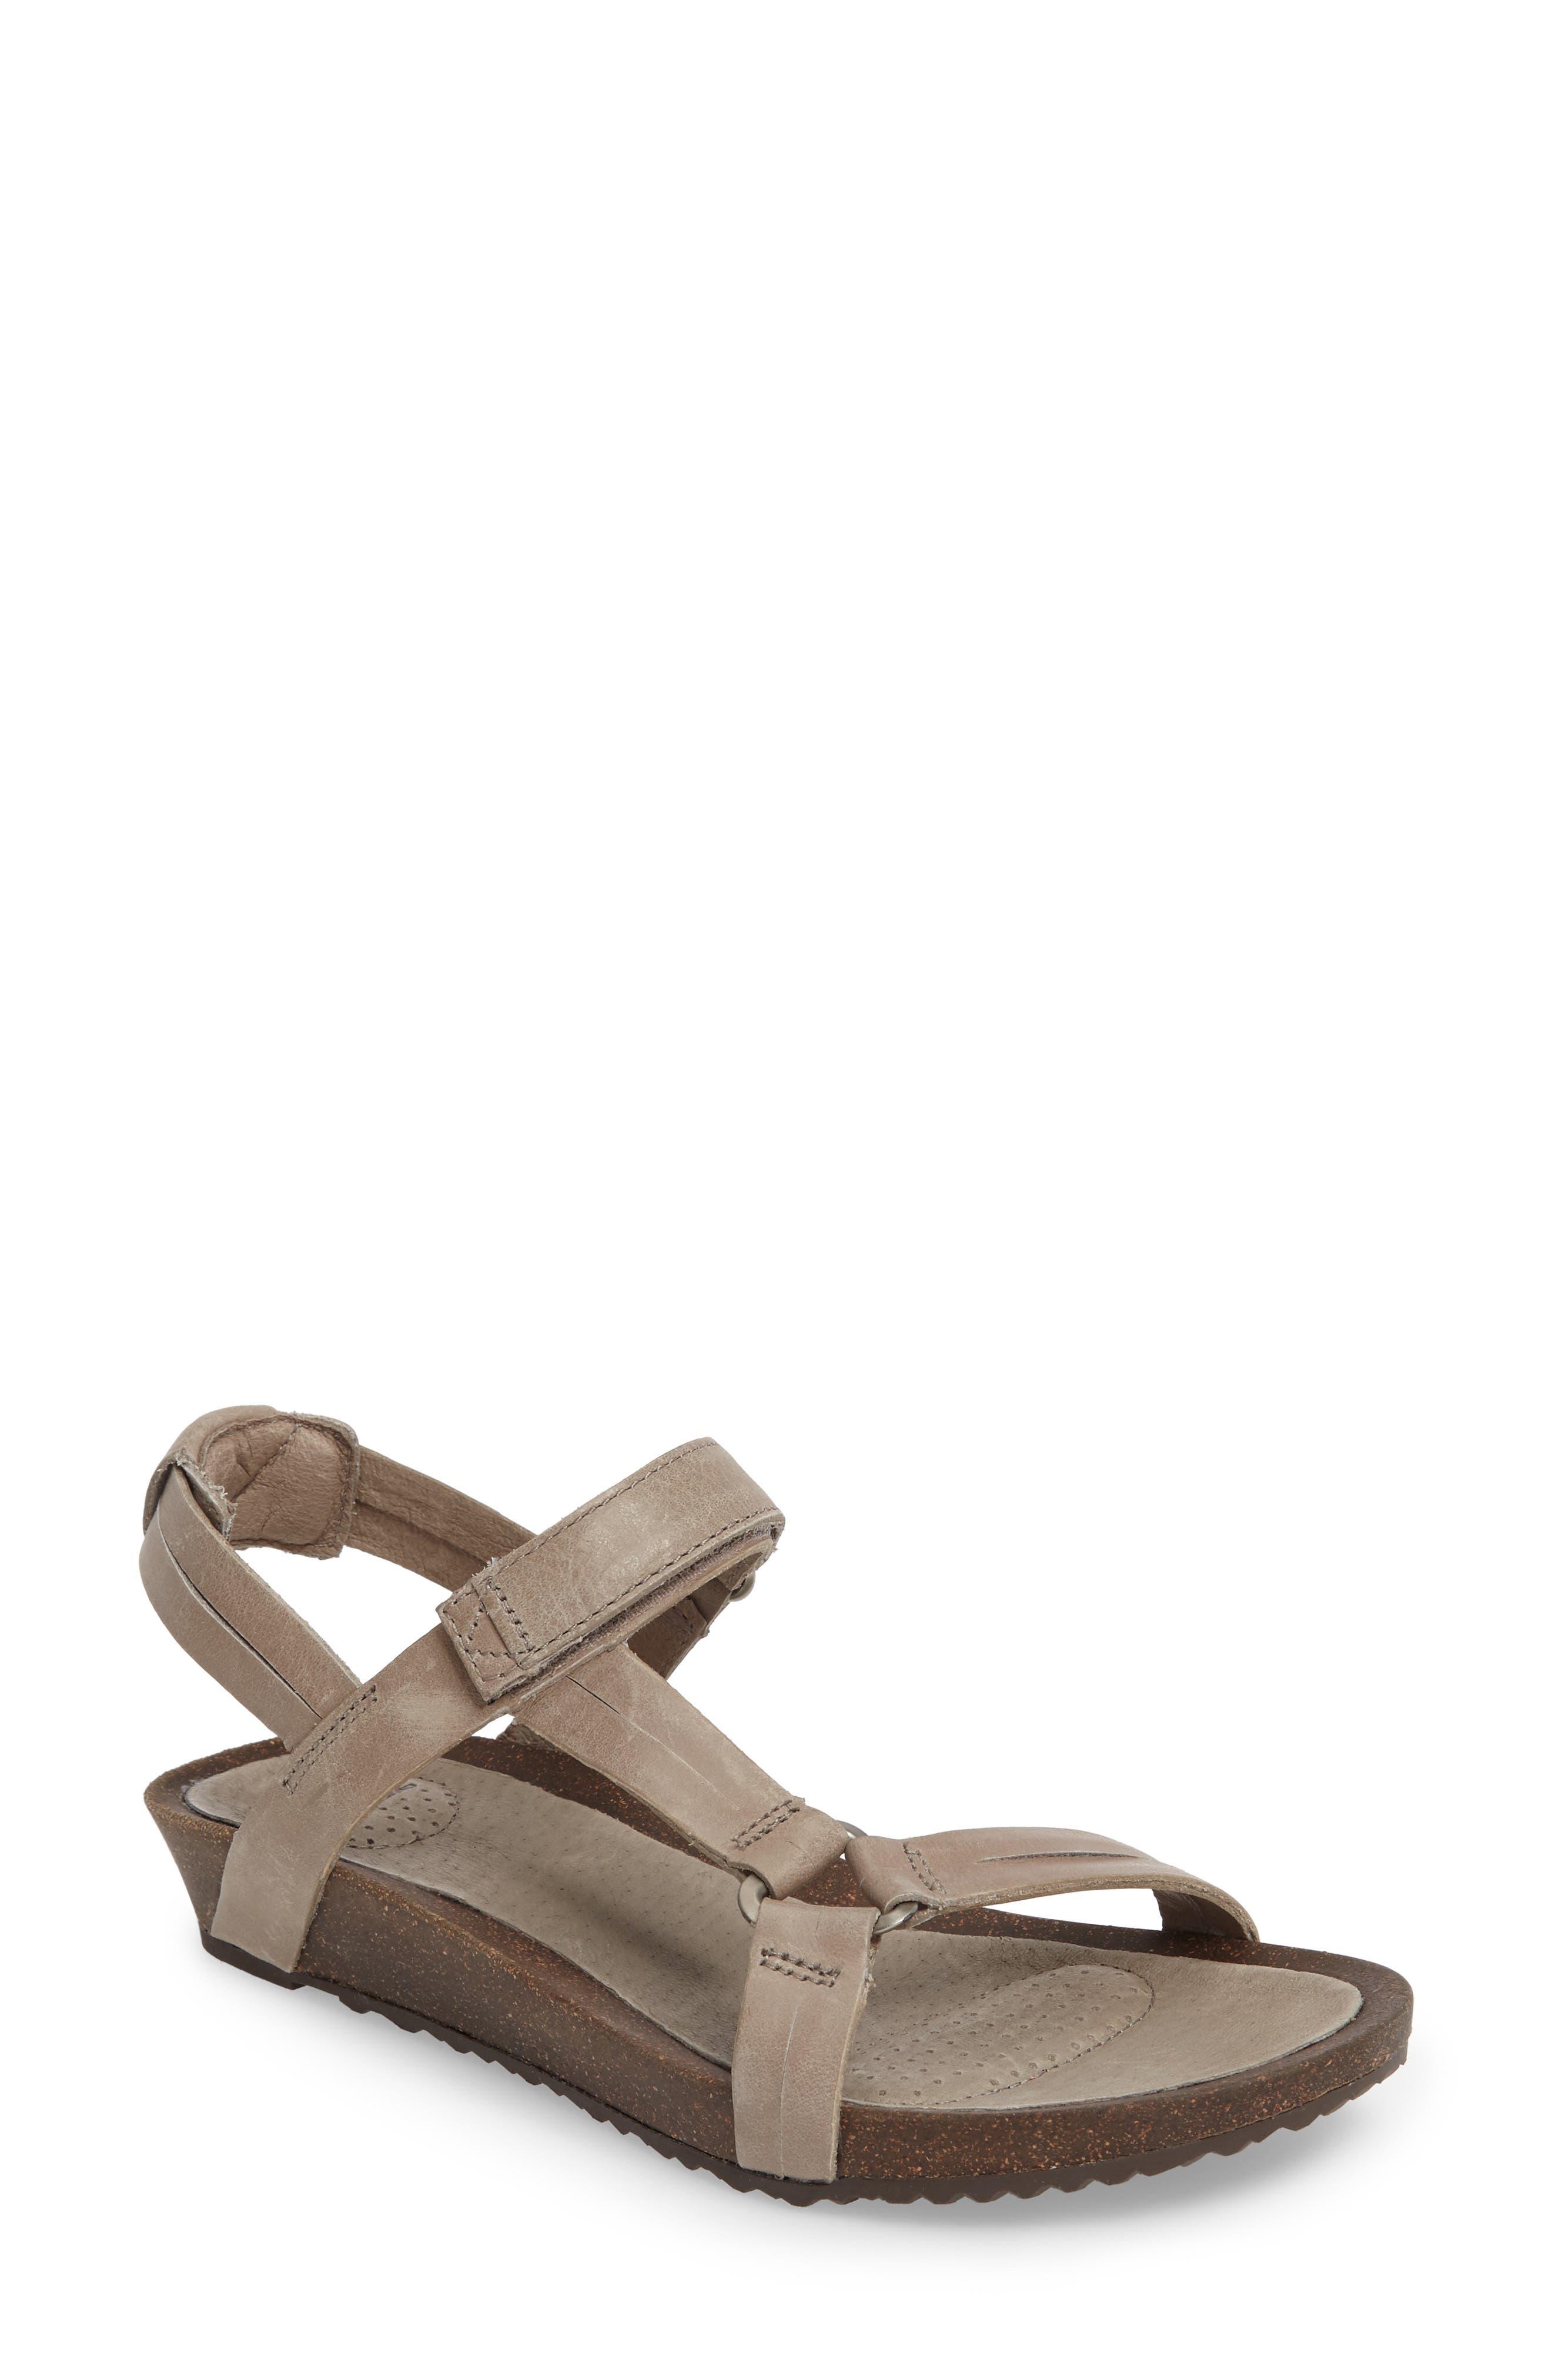 Ysidro Universal Sandal,                         Main,                         color, 026